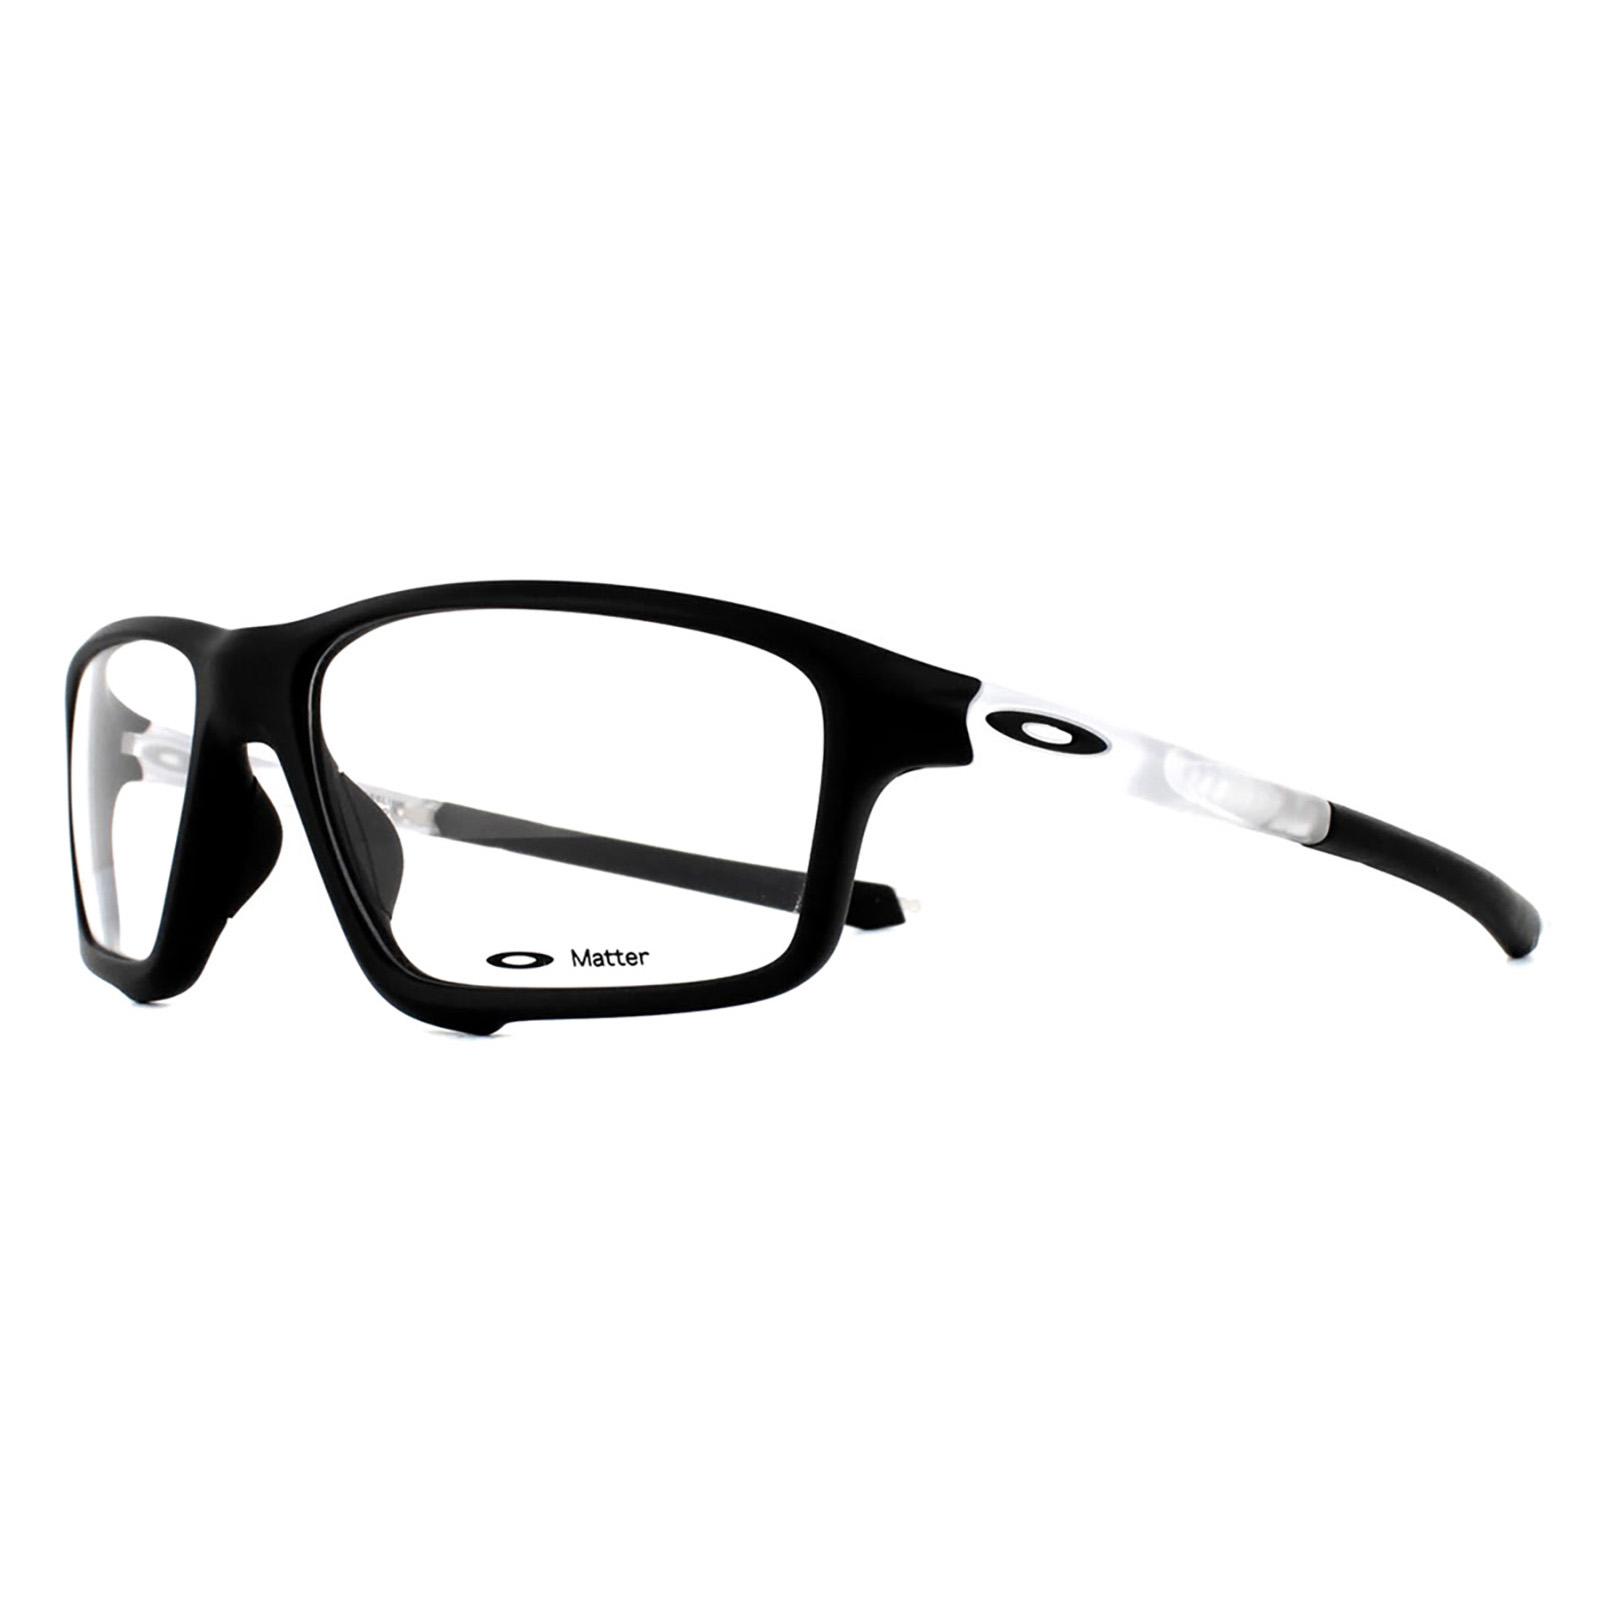 oakley glasses frames 8076 crosslink zero 807603 matte